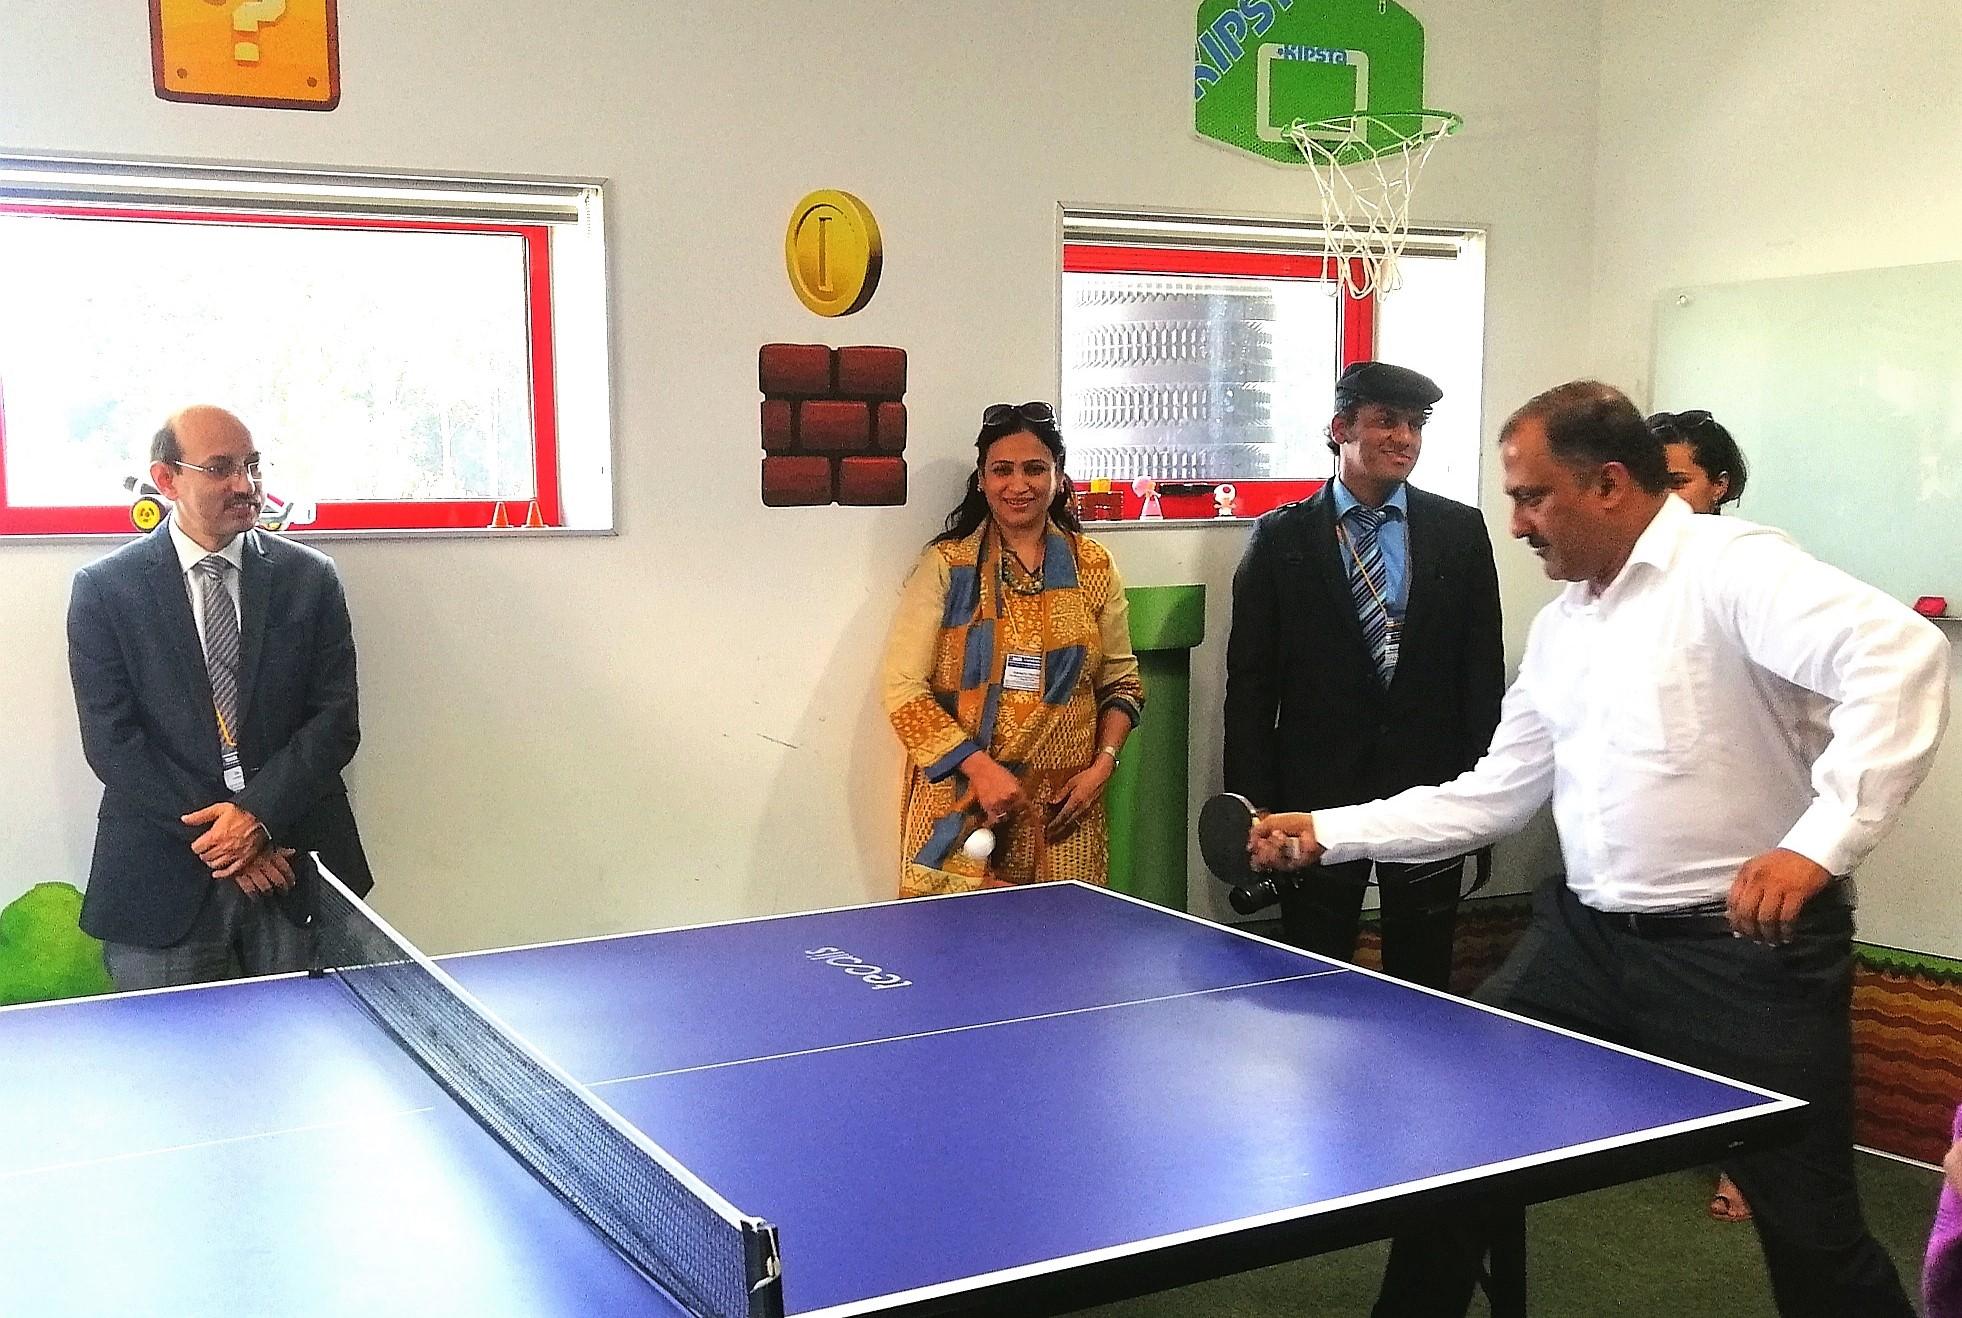 Personas de la India jugando en Tecalis